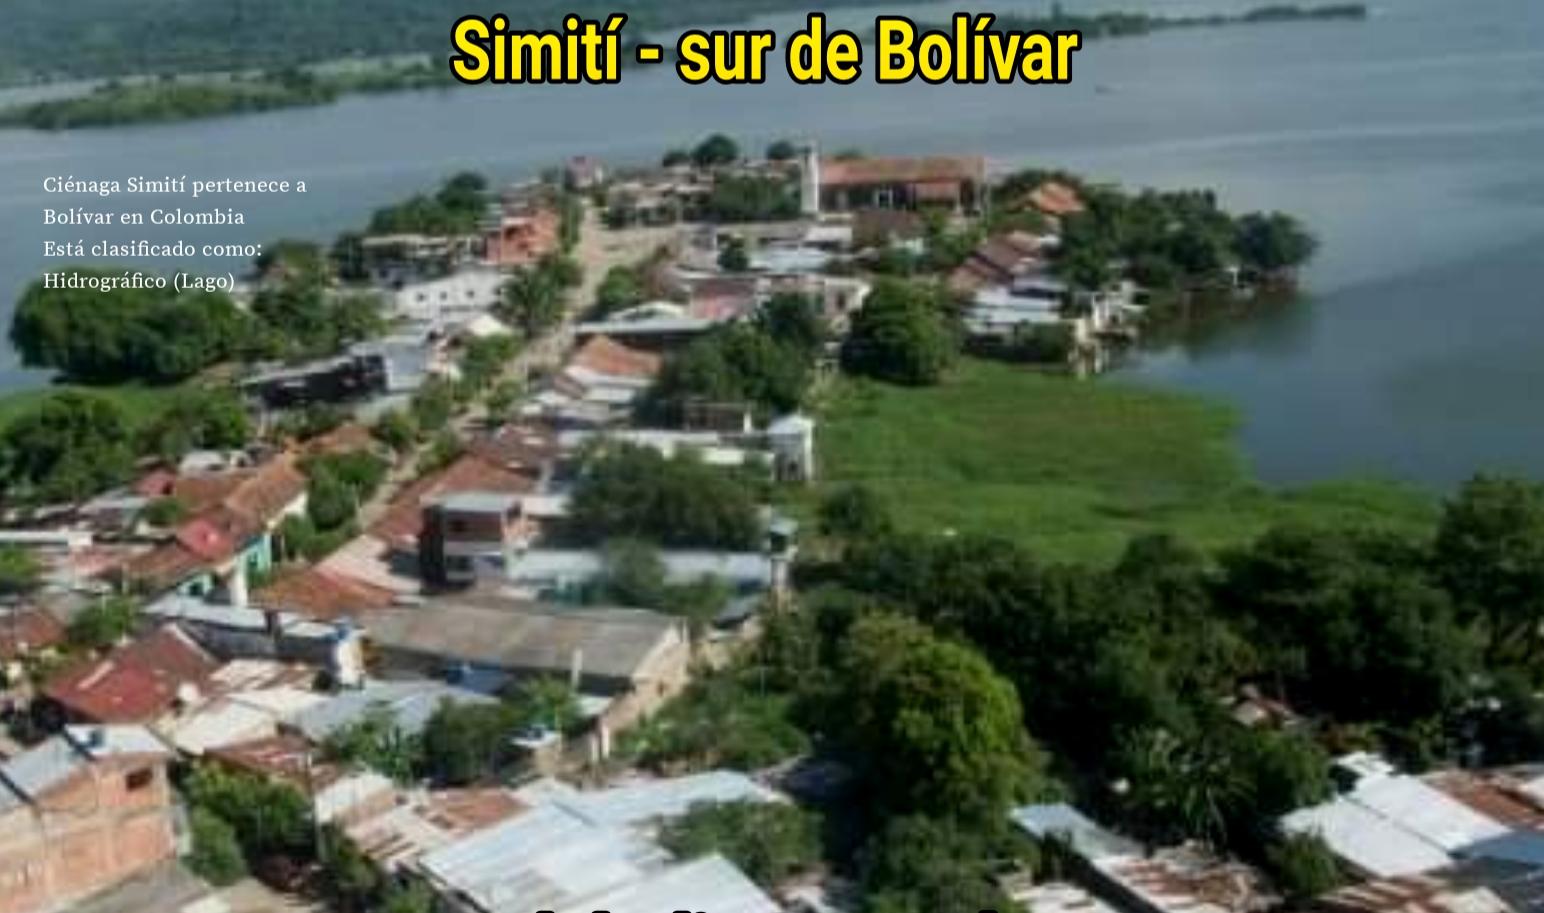 Municipio de Simiti - Sur de Bolivar